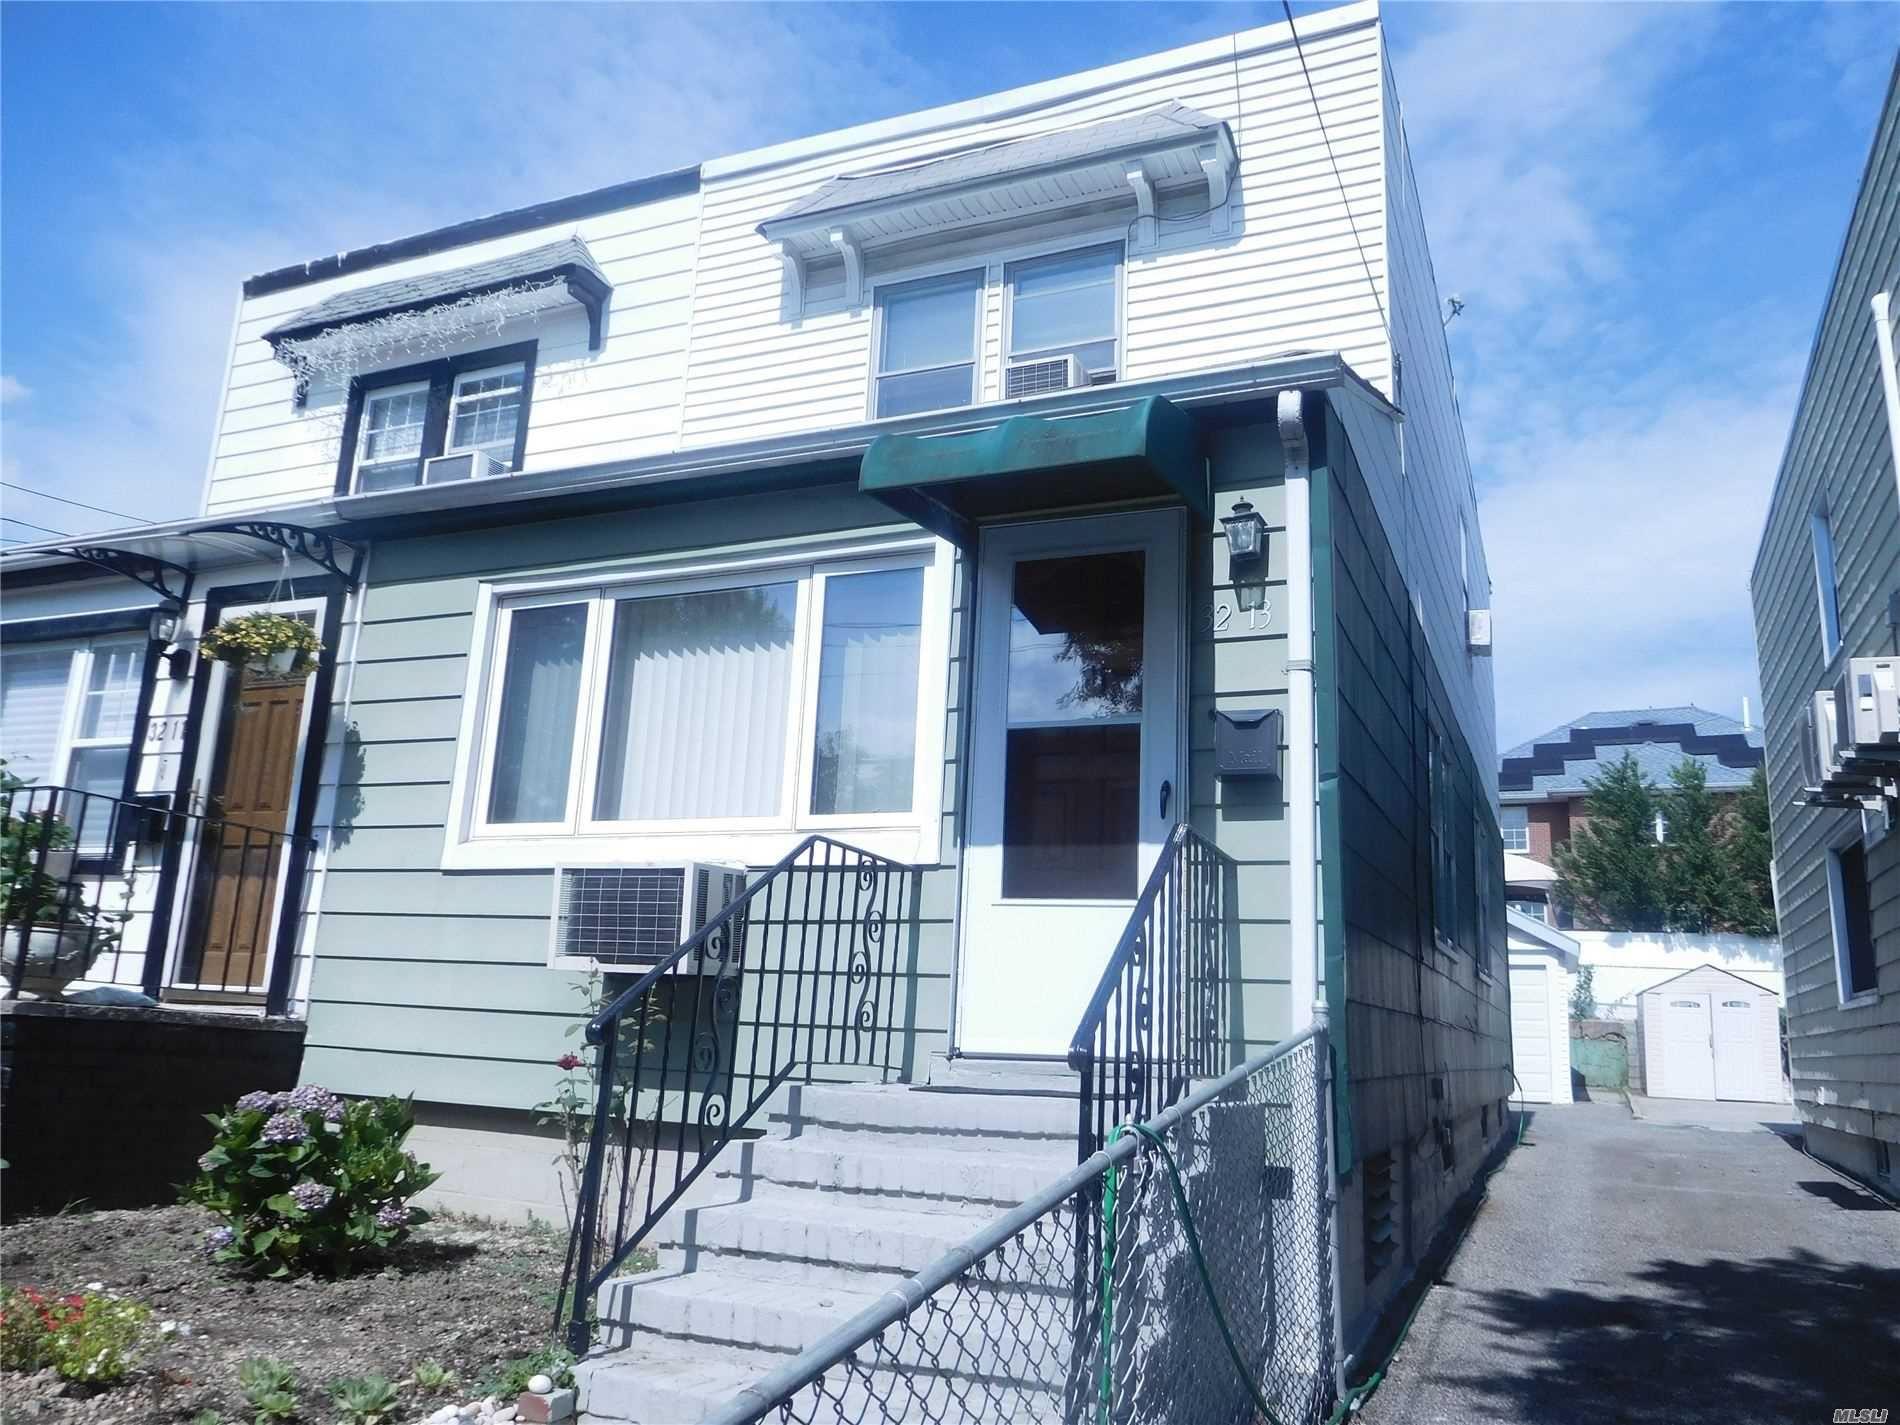 32-13 204 Street, Bayside, NY 11361 - MLS#: 3216727